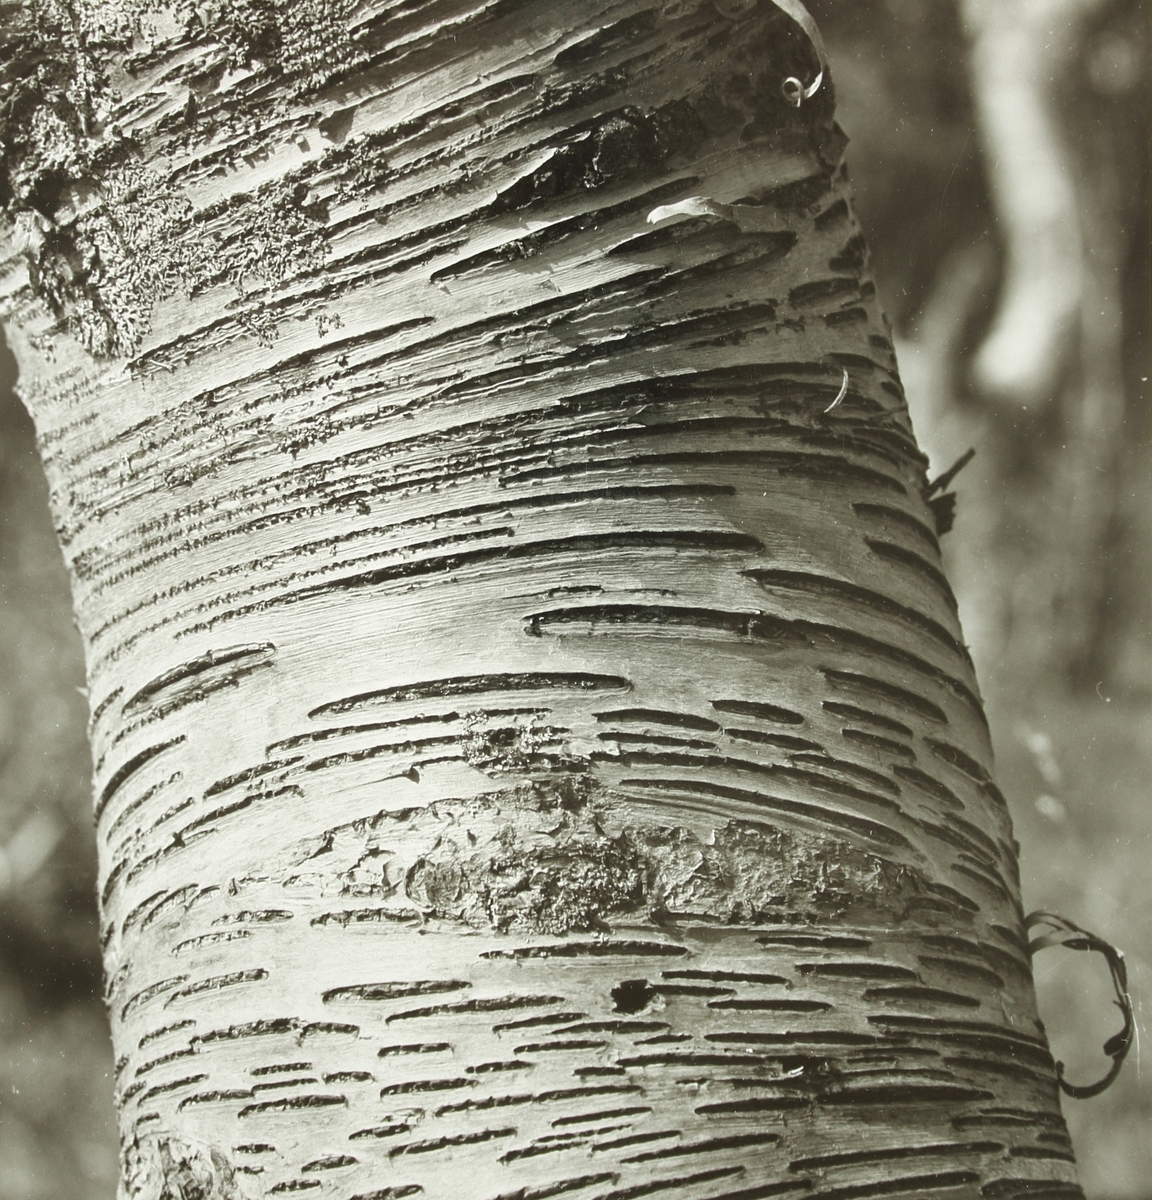 En närbild av en trädstam med randig bark och mossa.